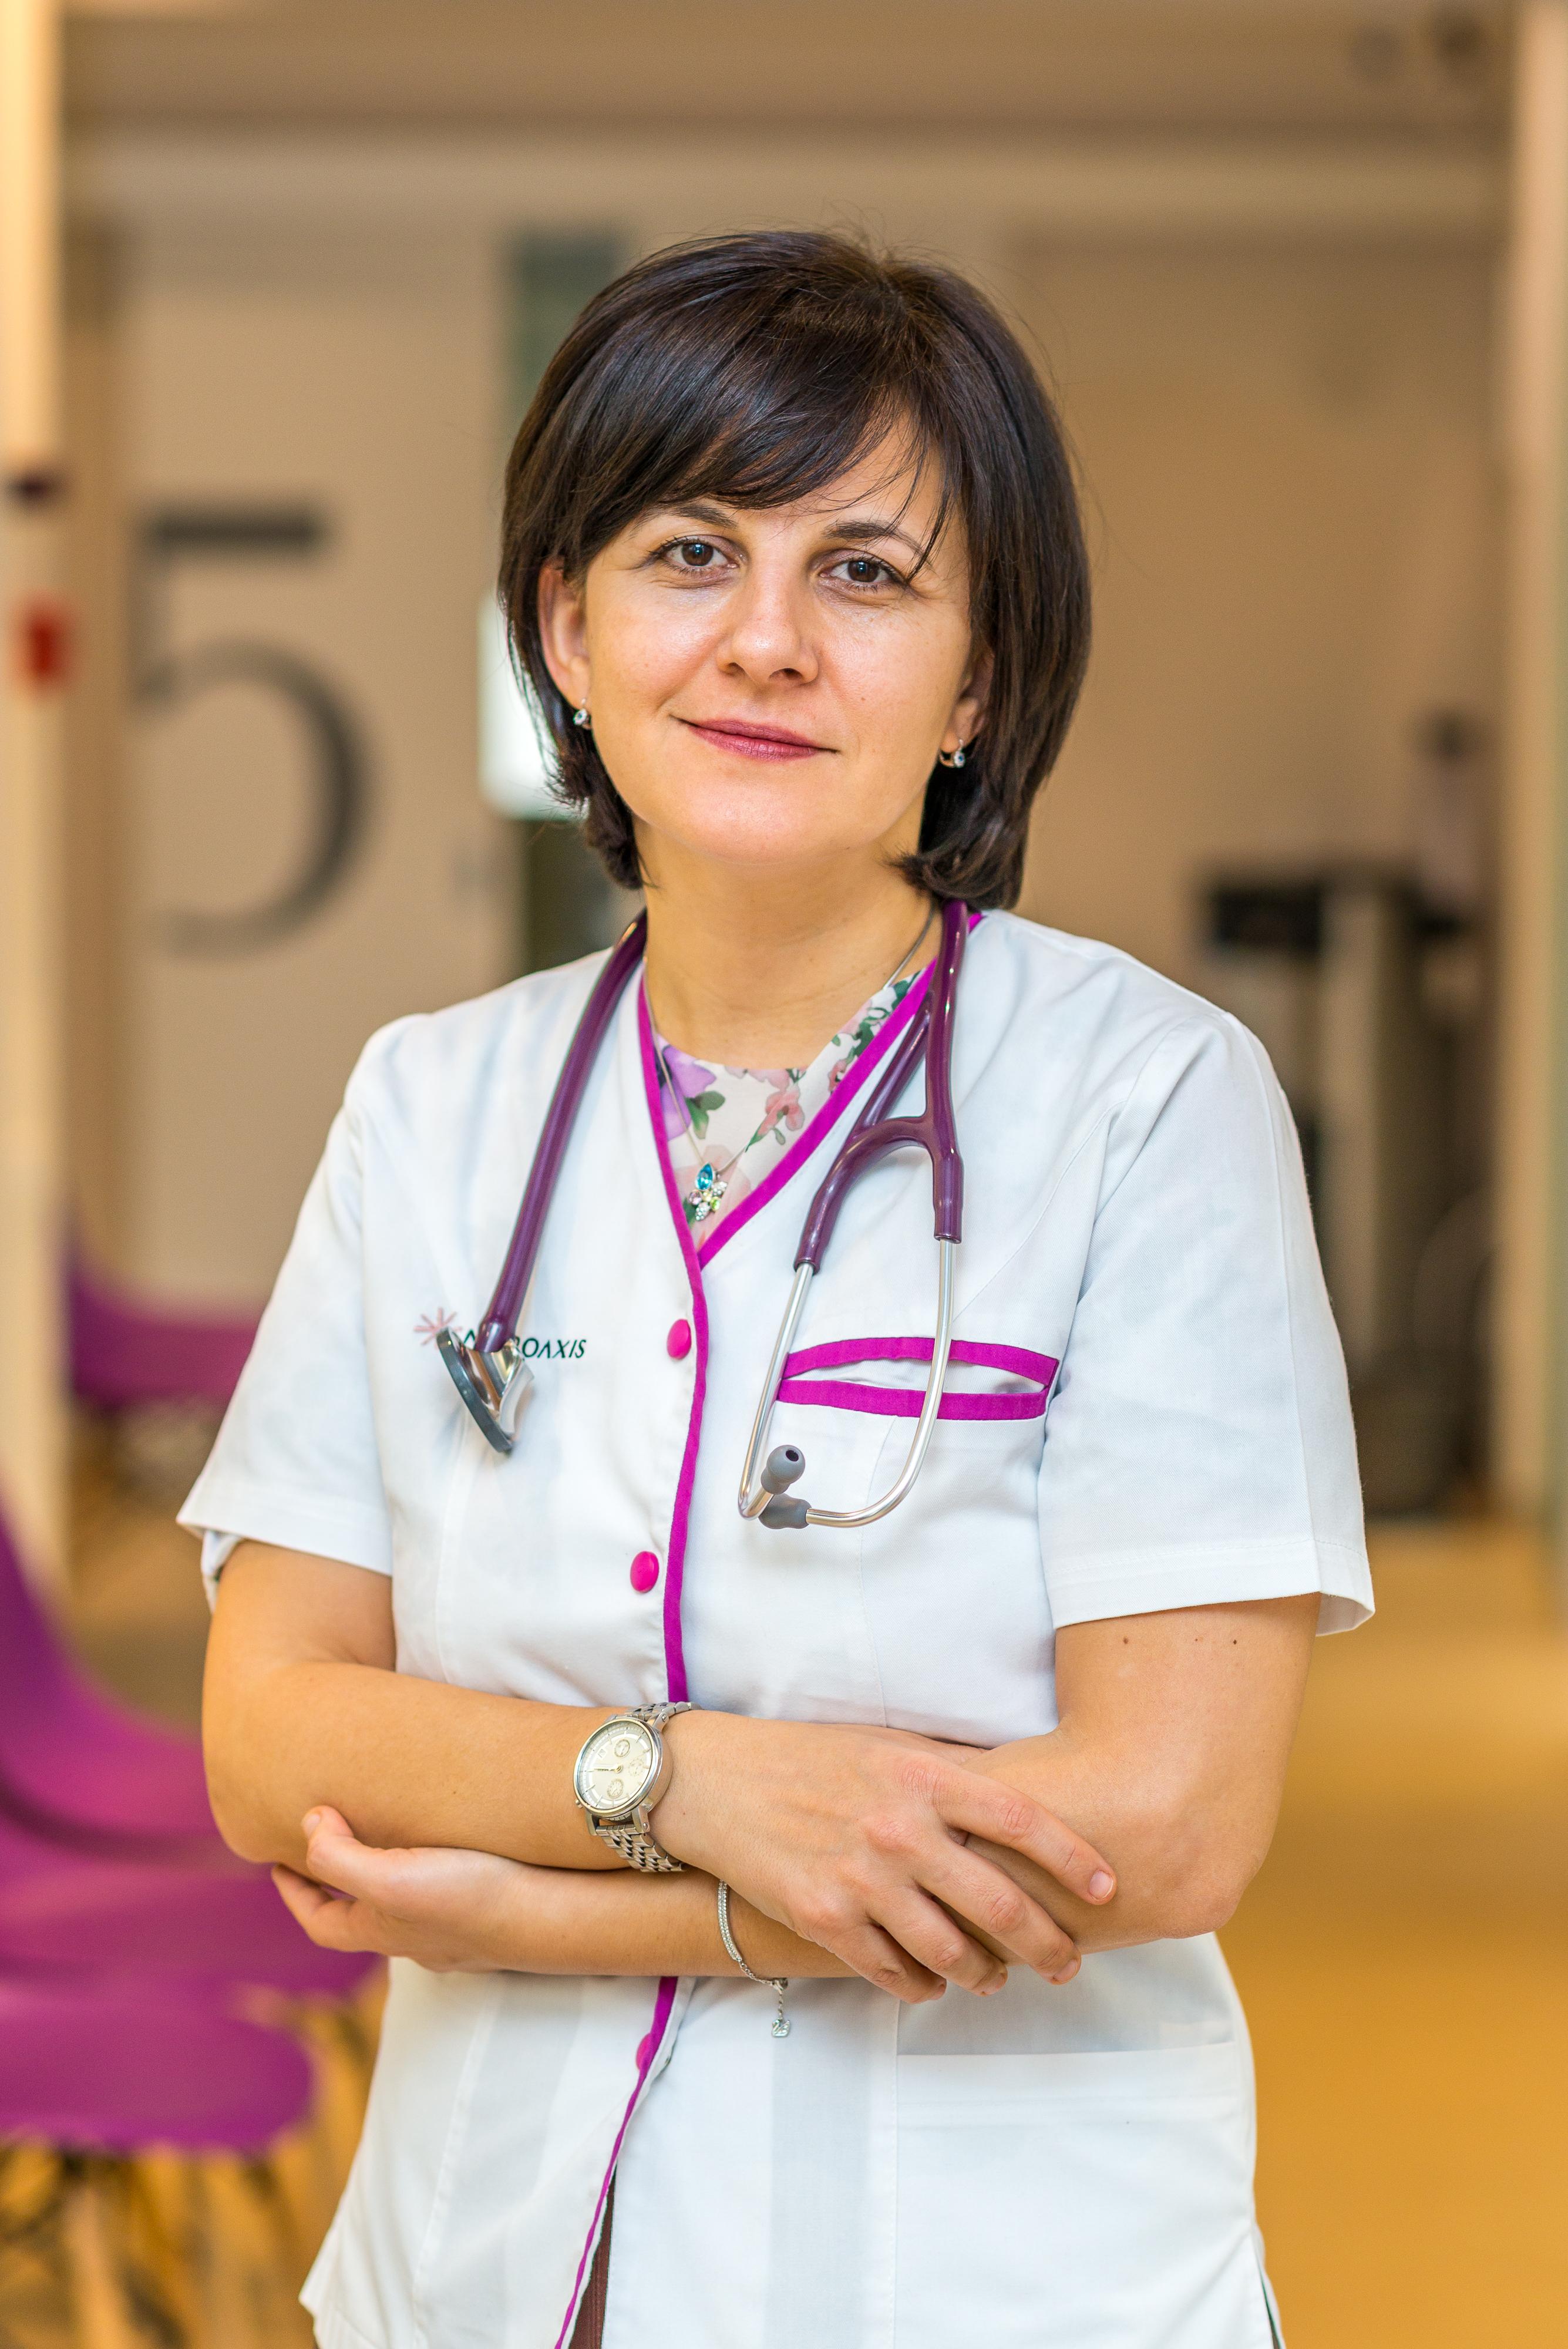 Dr. Raluca Ianula